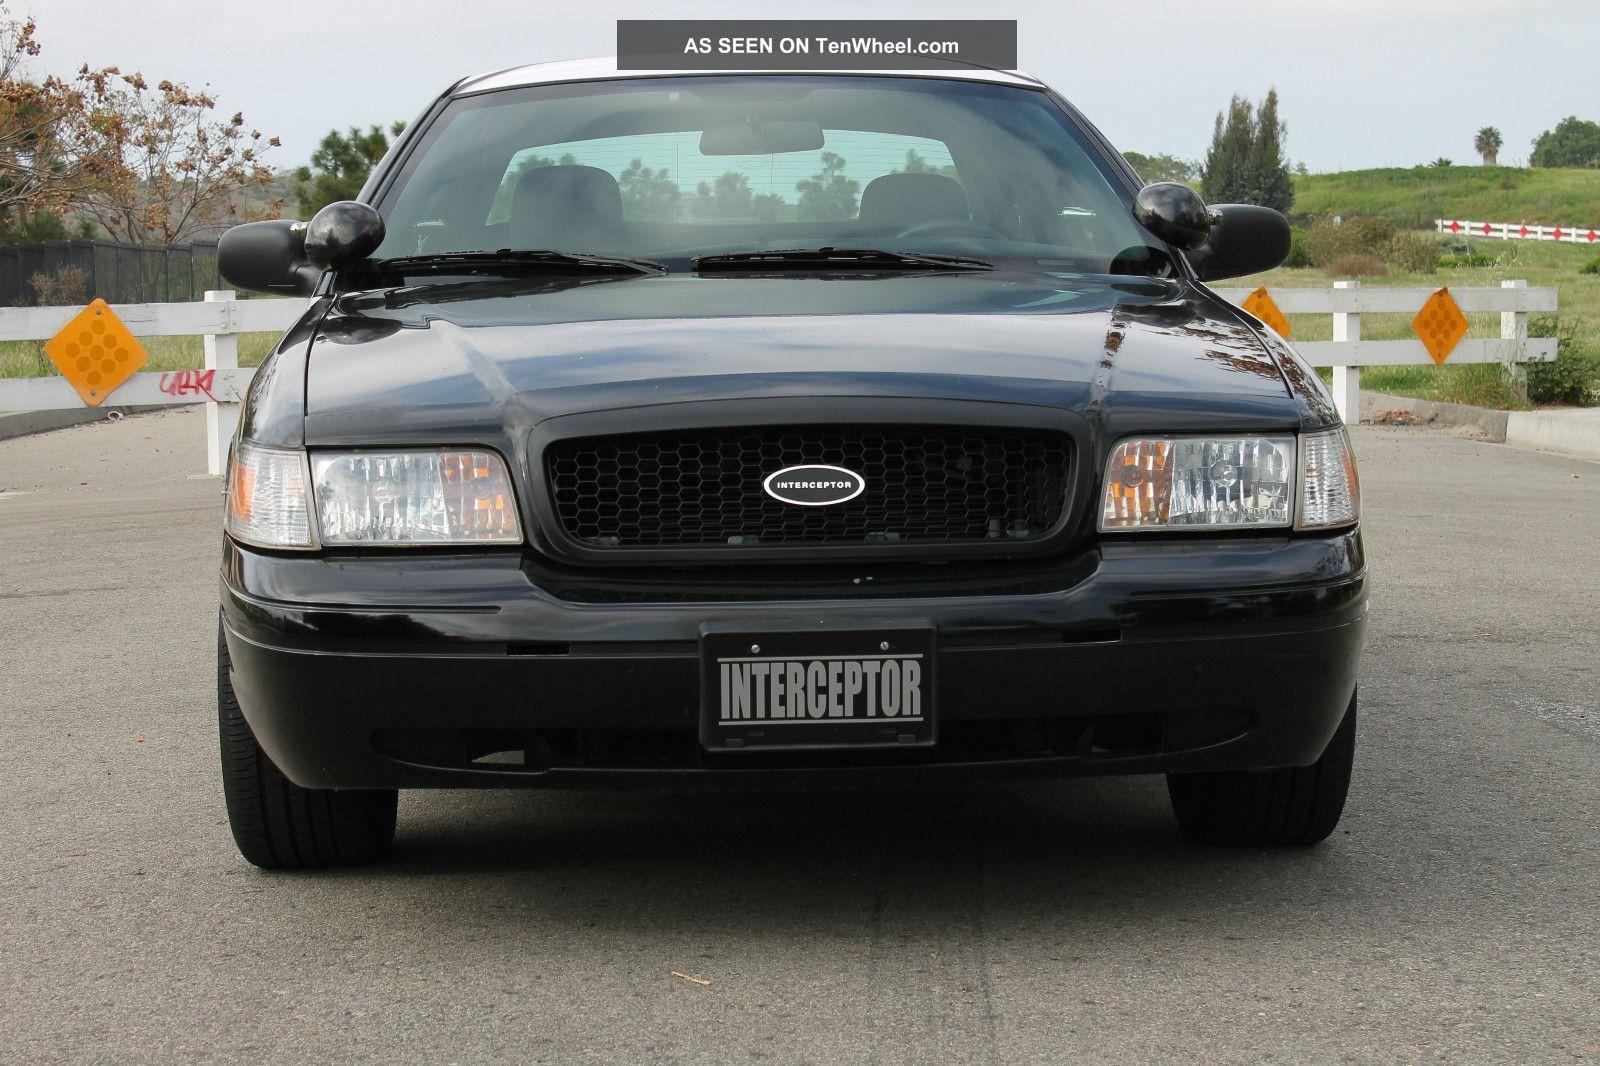 2008 ford crown victoria police interceptor 0 60. Black Bedroom Furniture Sets. Home Design Ideas